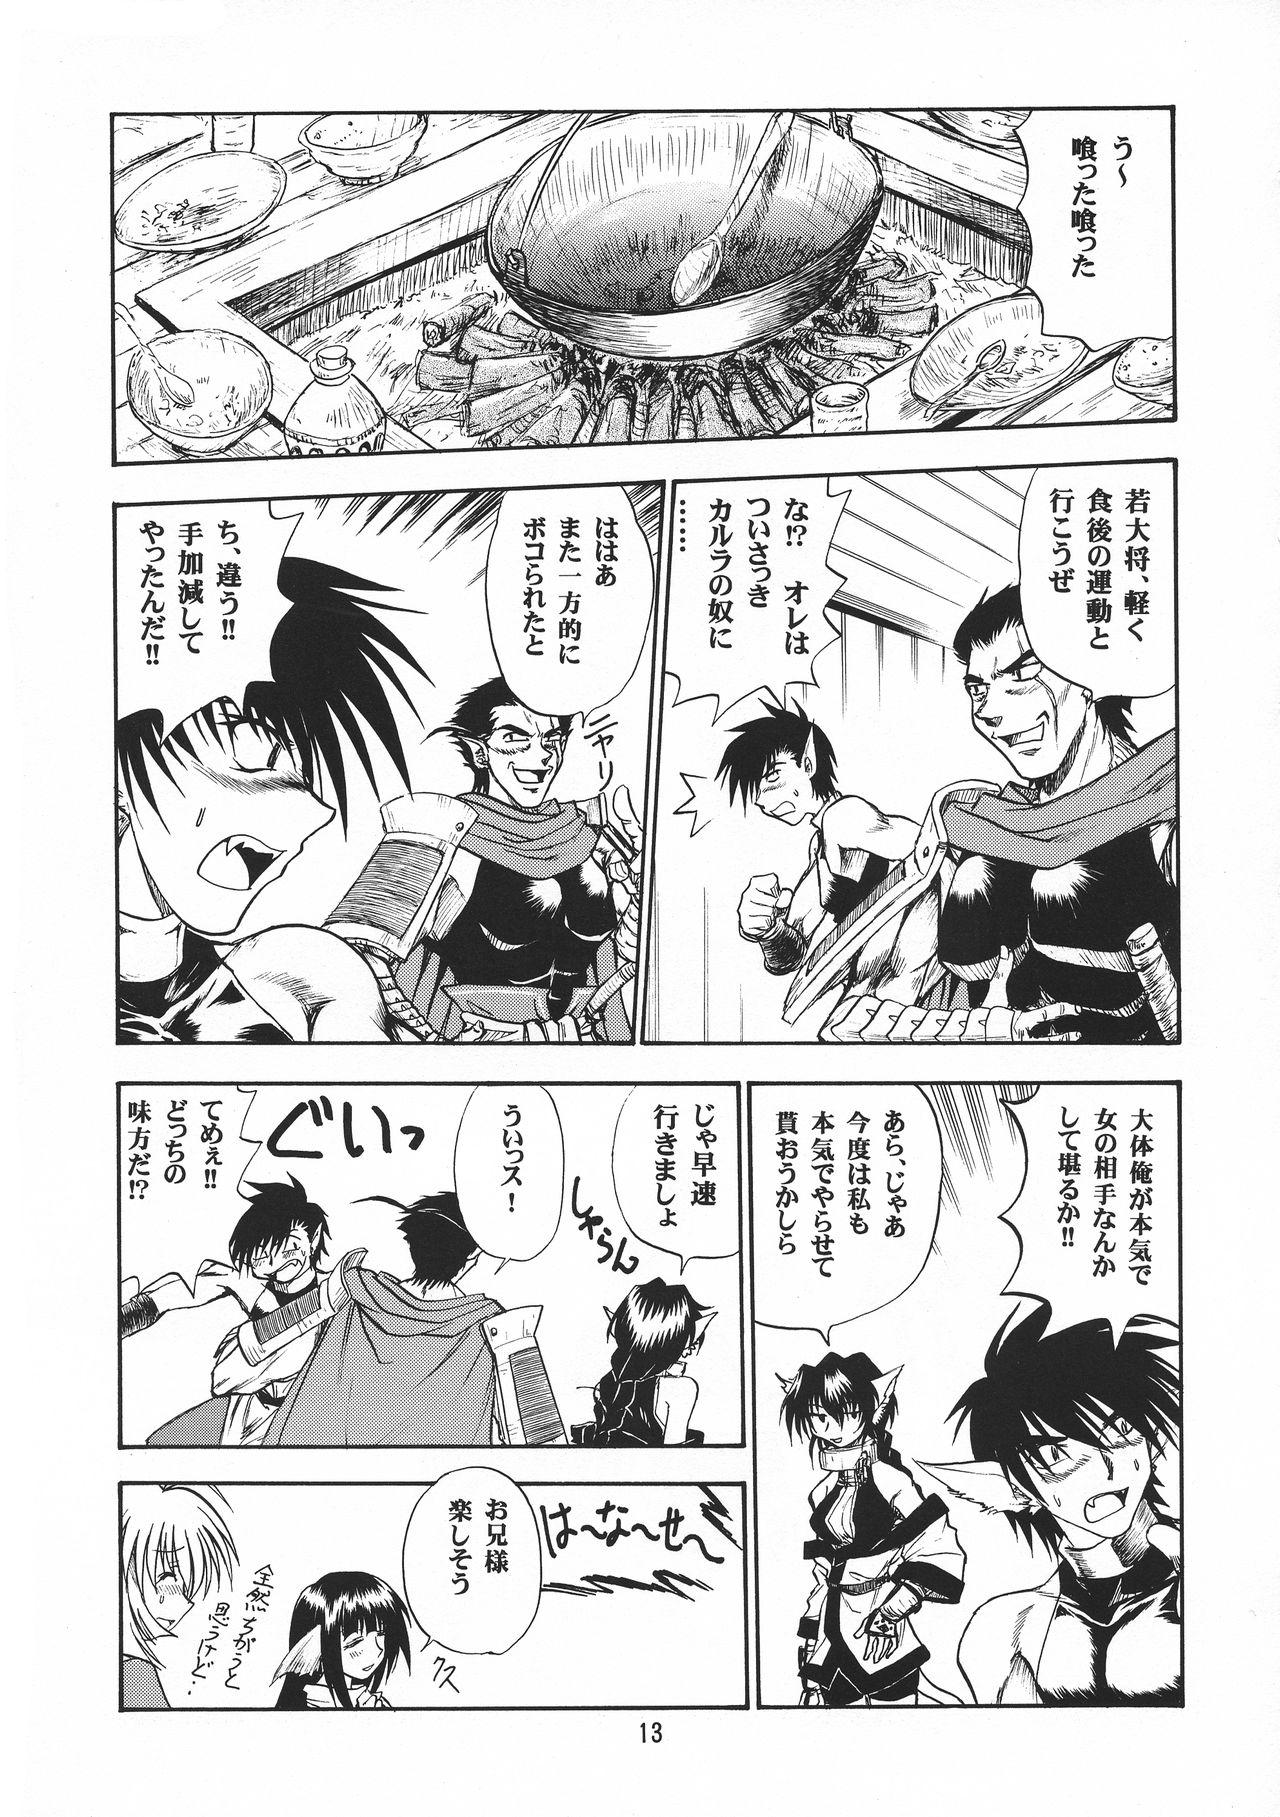 Mororo Nabe 12